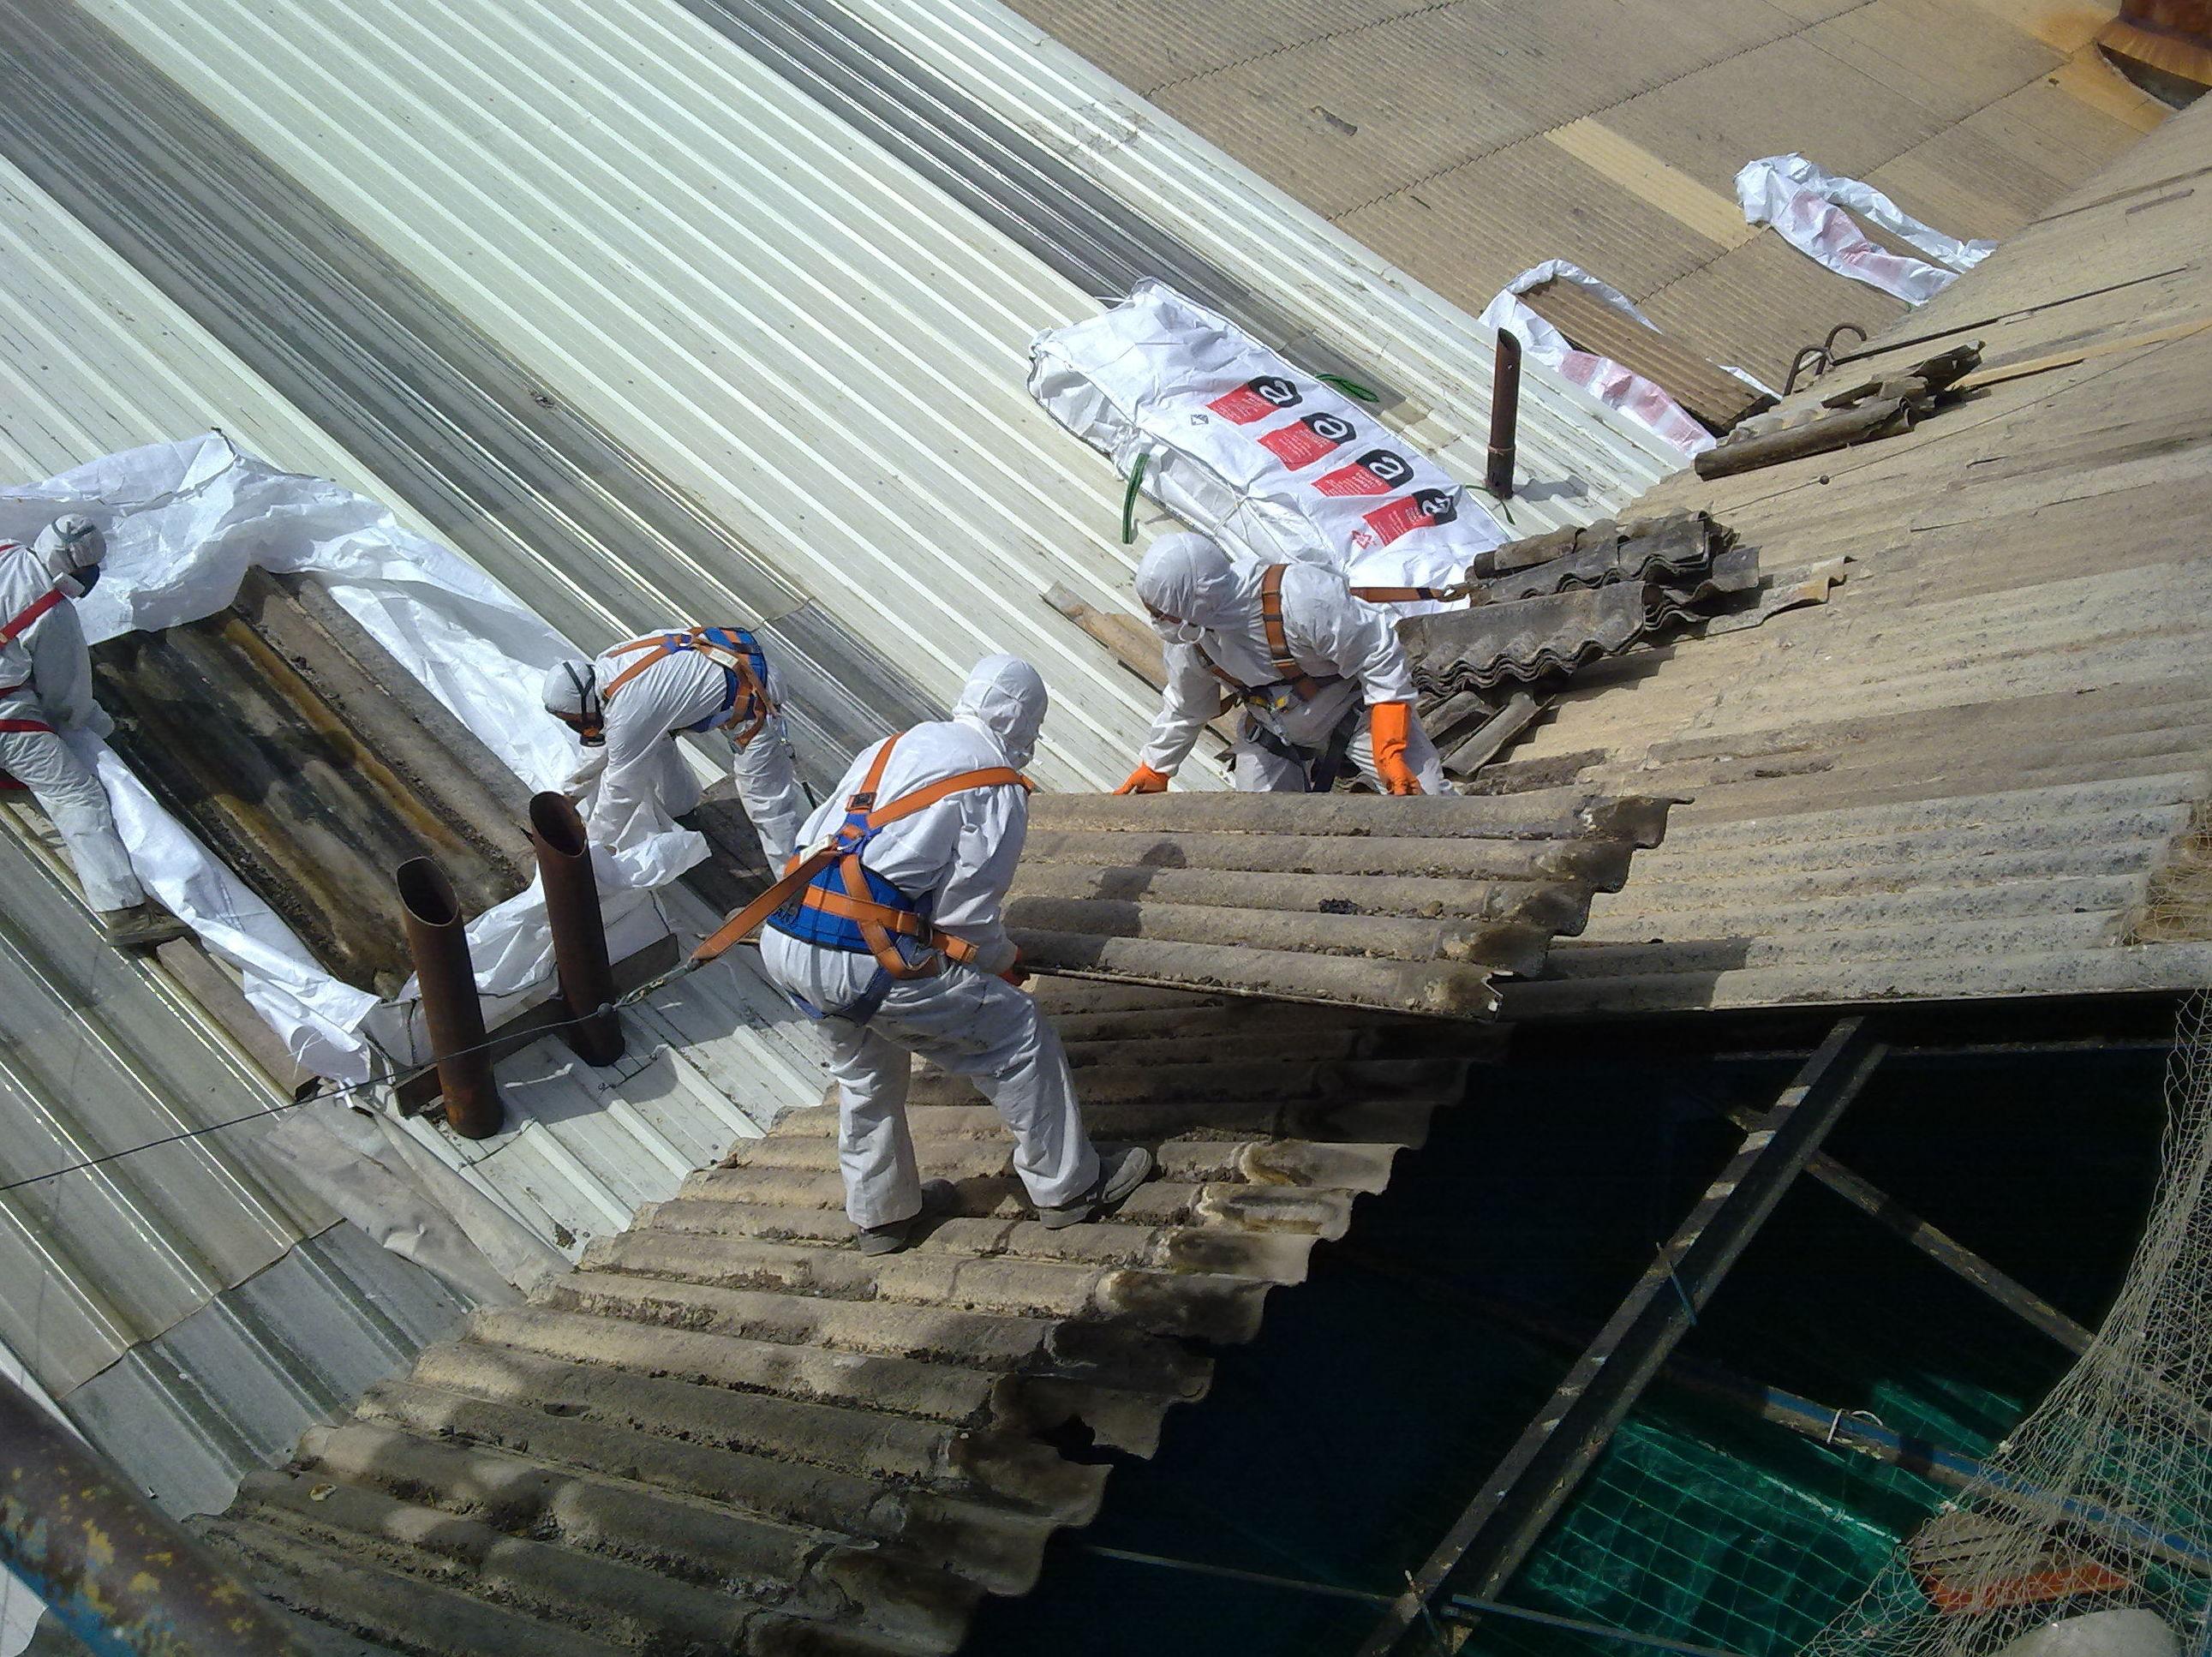 Desmantelamiento de elementos de construcci n que contienen amianto derribos sevilla - Materiales de construccion sevilla ...